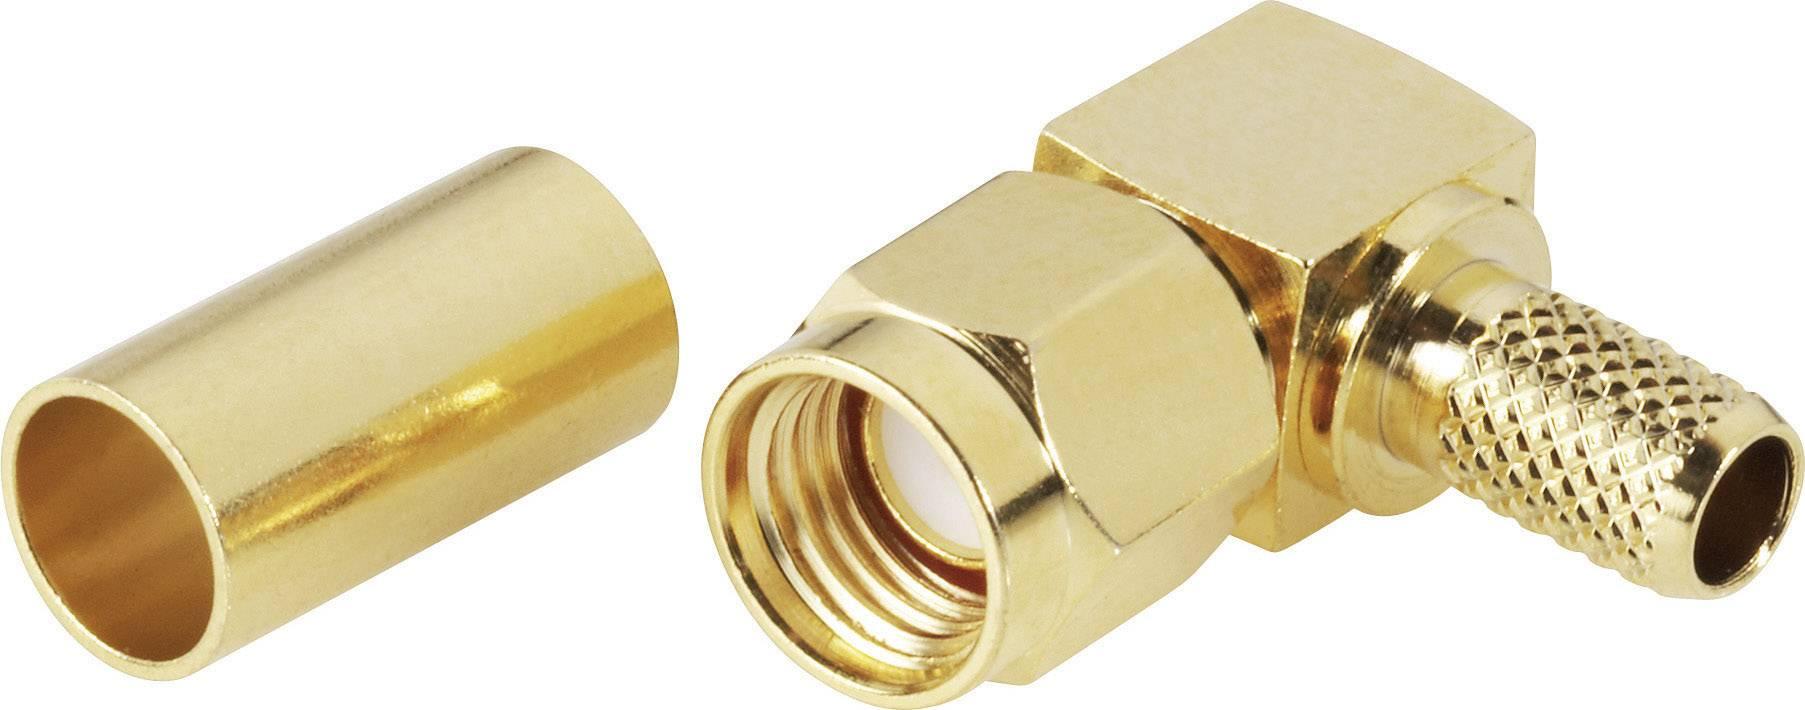 SMA reverzný konektor BKL 419112, 50 Ω, zástrčka uhlová